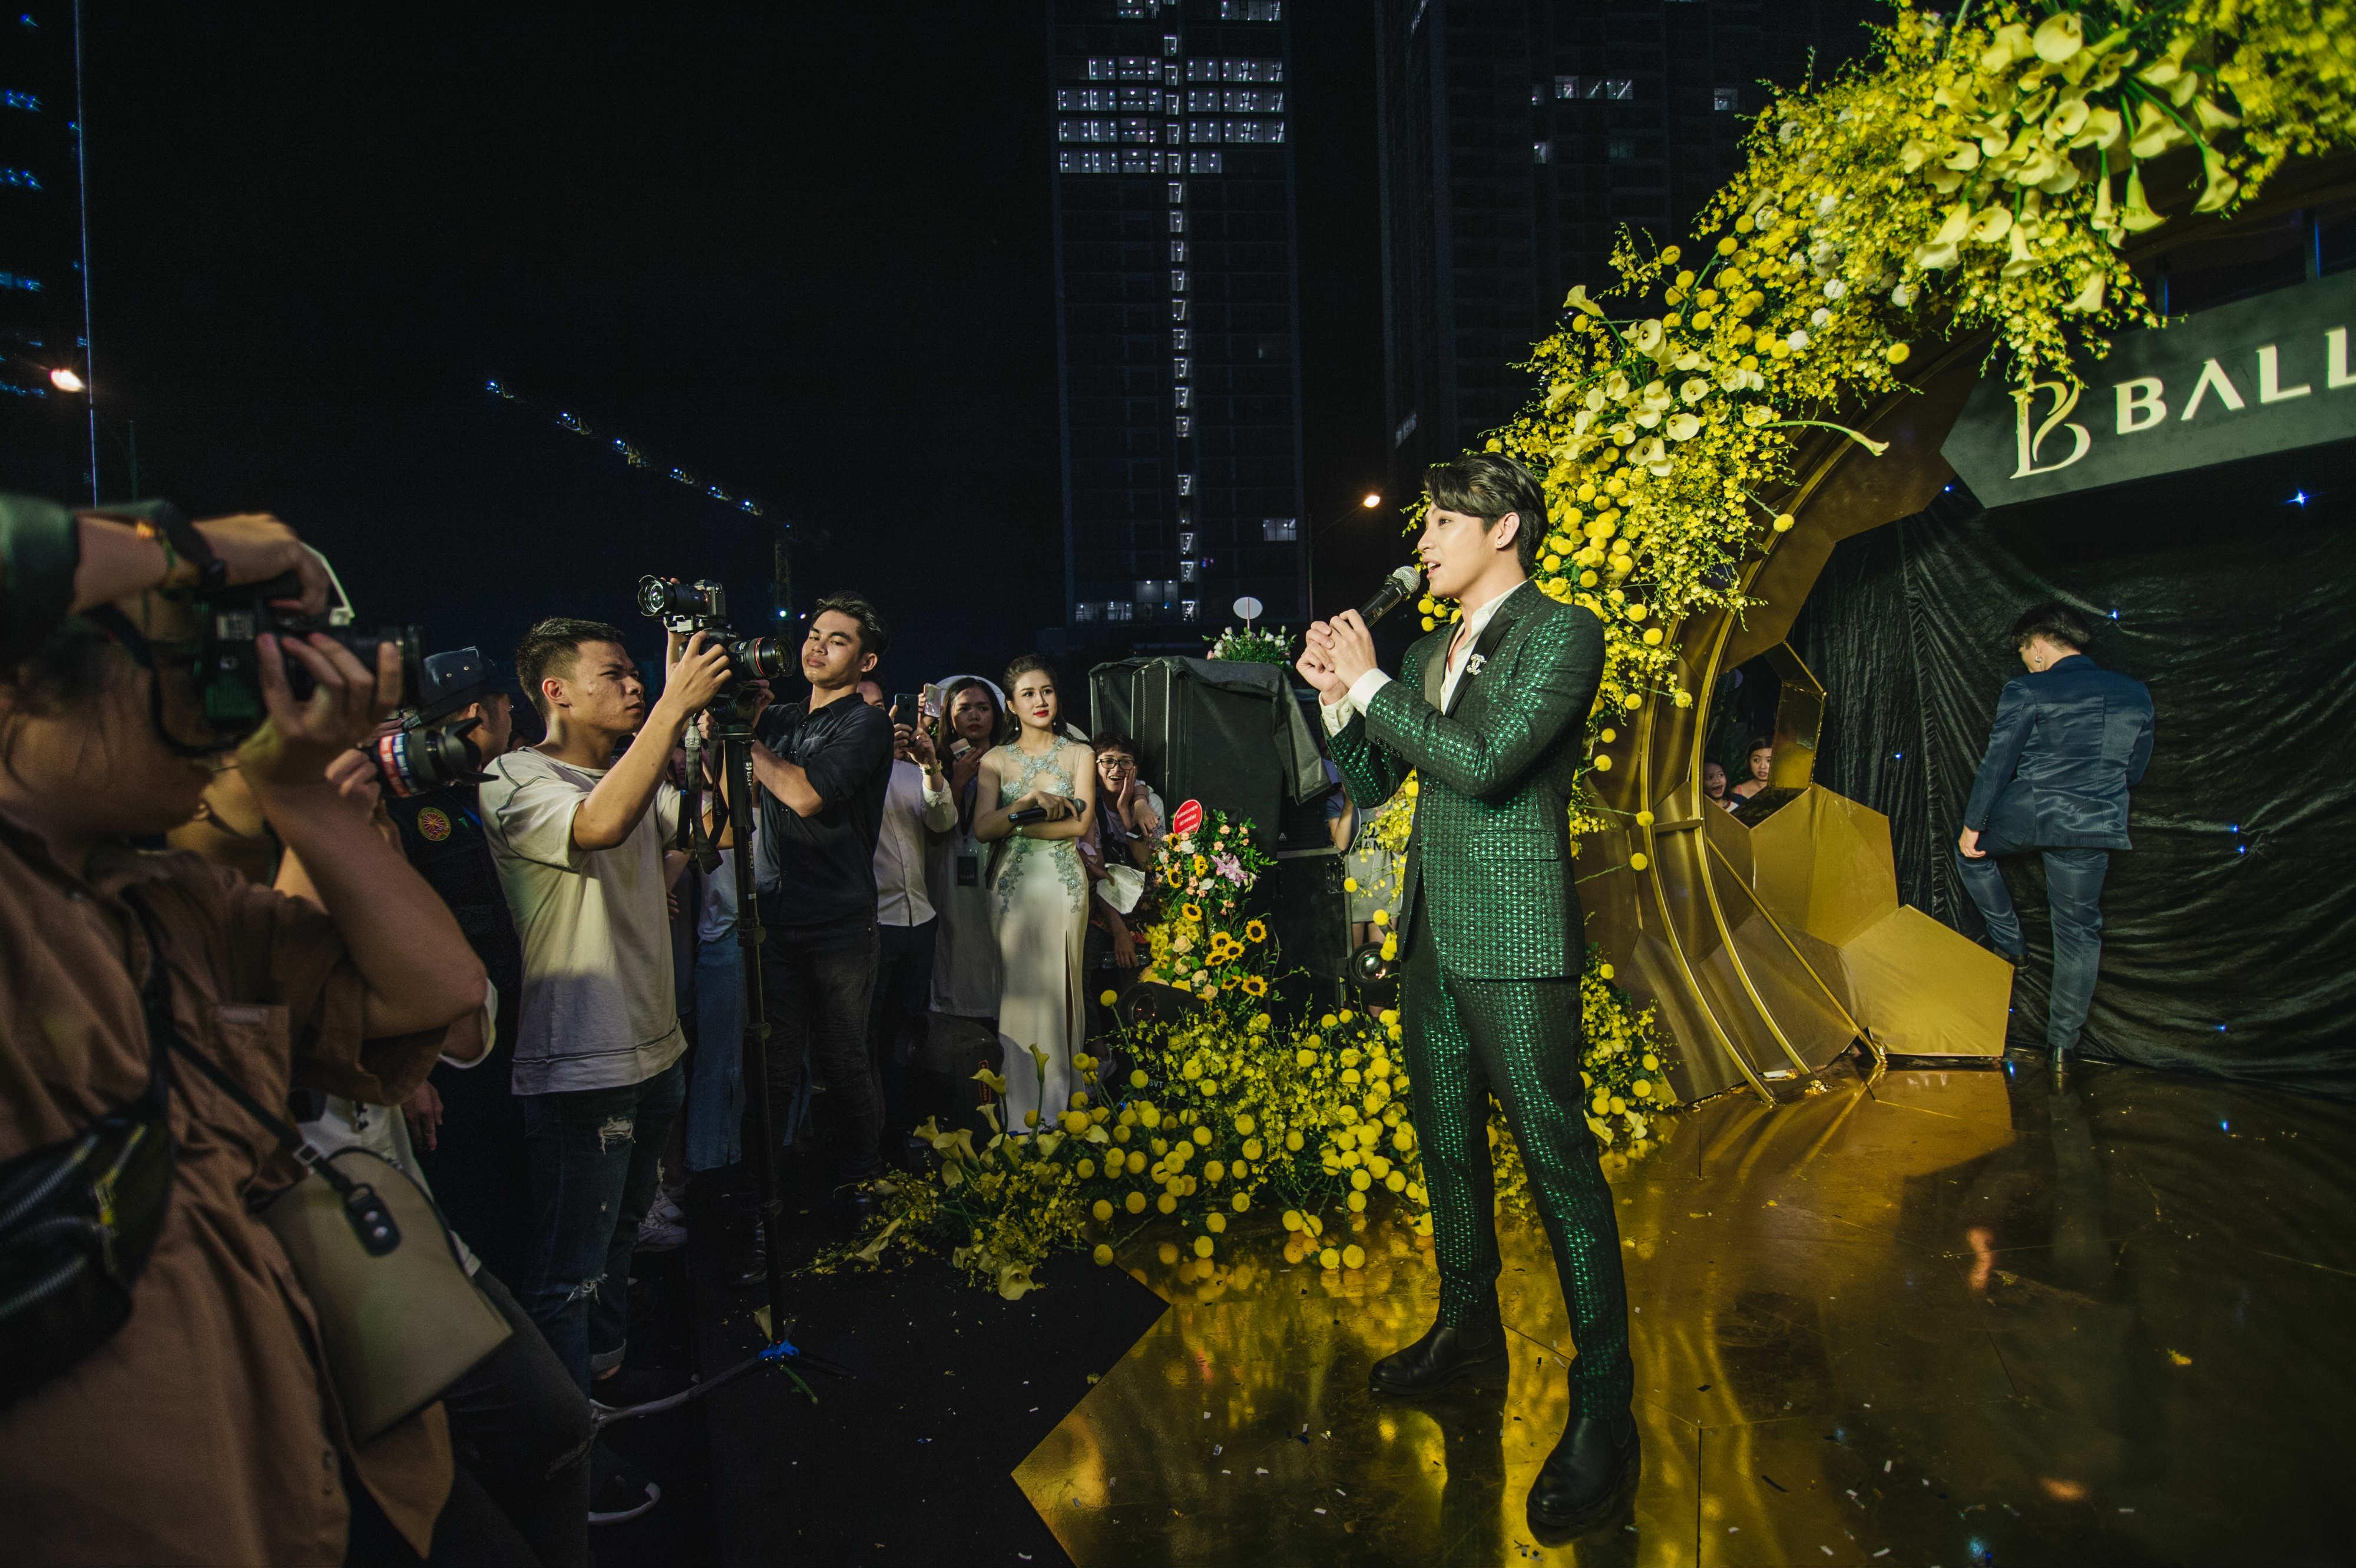 """Trong sự kiện khai trương, huấn luyện viên Giọng hát Việt 2018 không quên đến những ca khúc sôi động như """"Mãi mãi bên nhau"""", """"Hold Me Tonight"""" và bản hit mới nhất """"Đến với nhau là sai""""."""